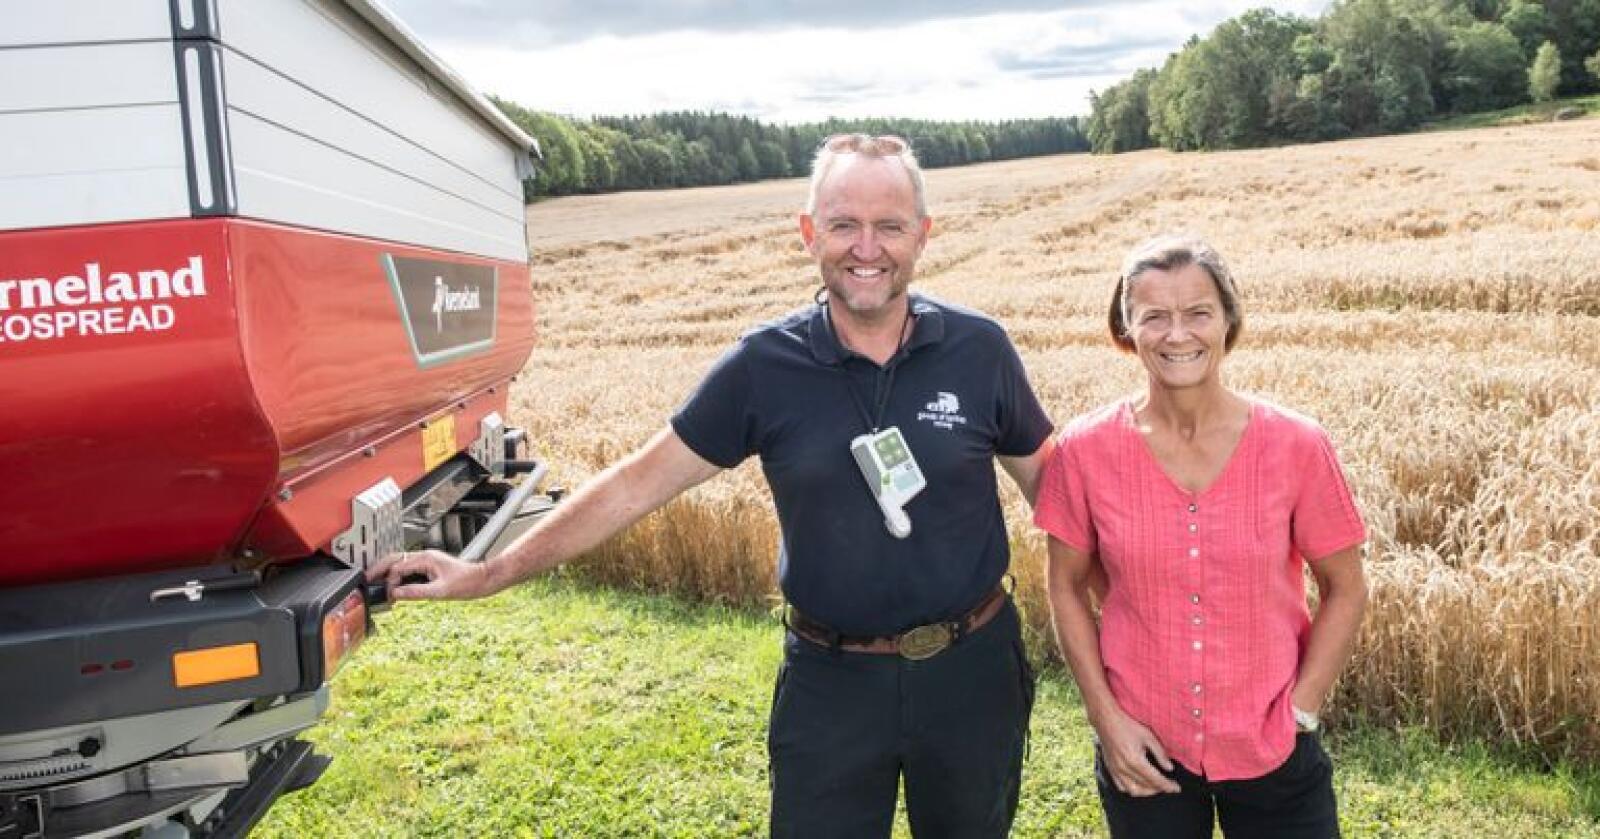 KONTROLL: – Vi har fått bedre kontroll på gjødslinga, sier Solfrid Våset og Ottar Weel, som konstaterer at legden i høsthveten kom sent – og jevnt. Foto: Håvard Simonsen